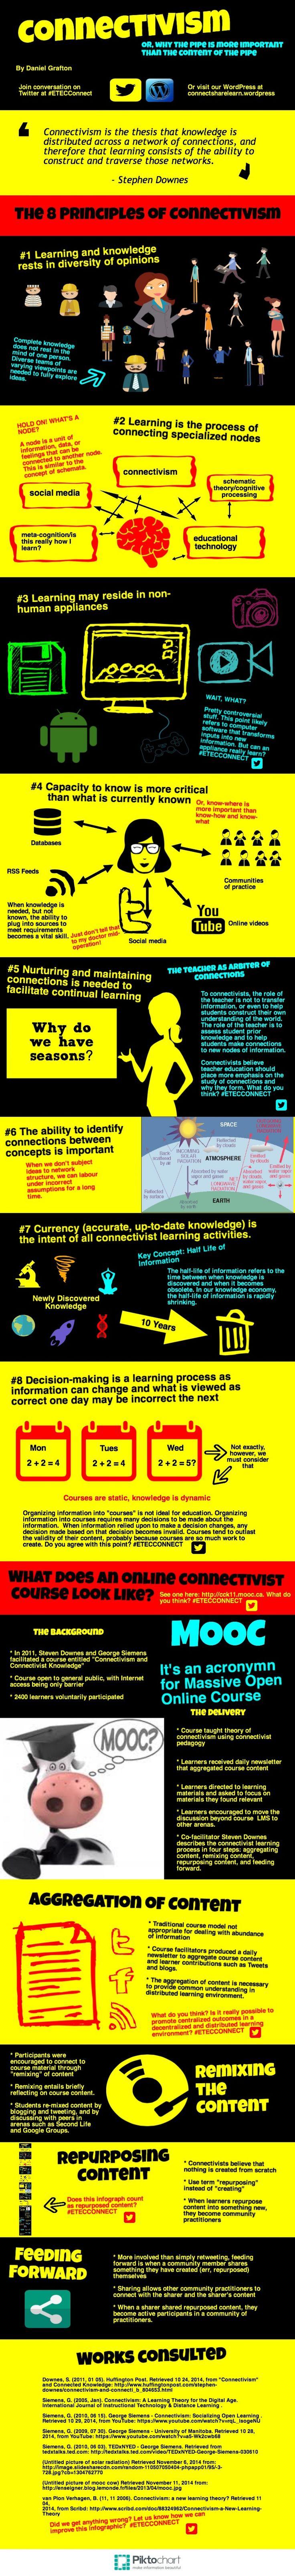 Connectivism #education